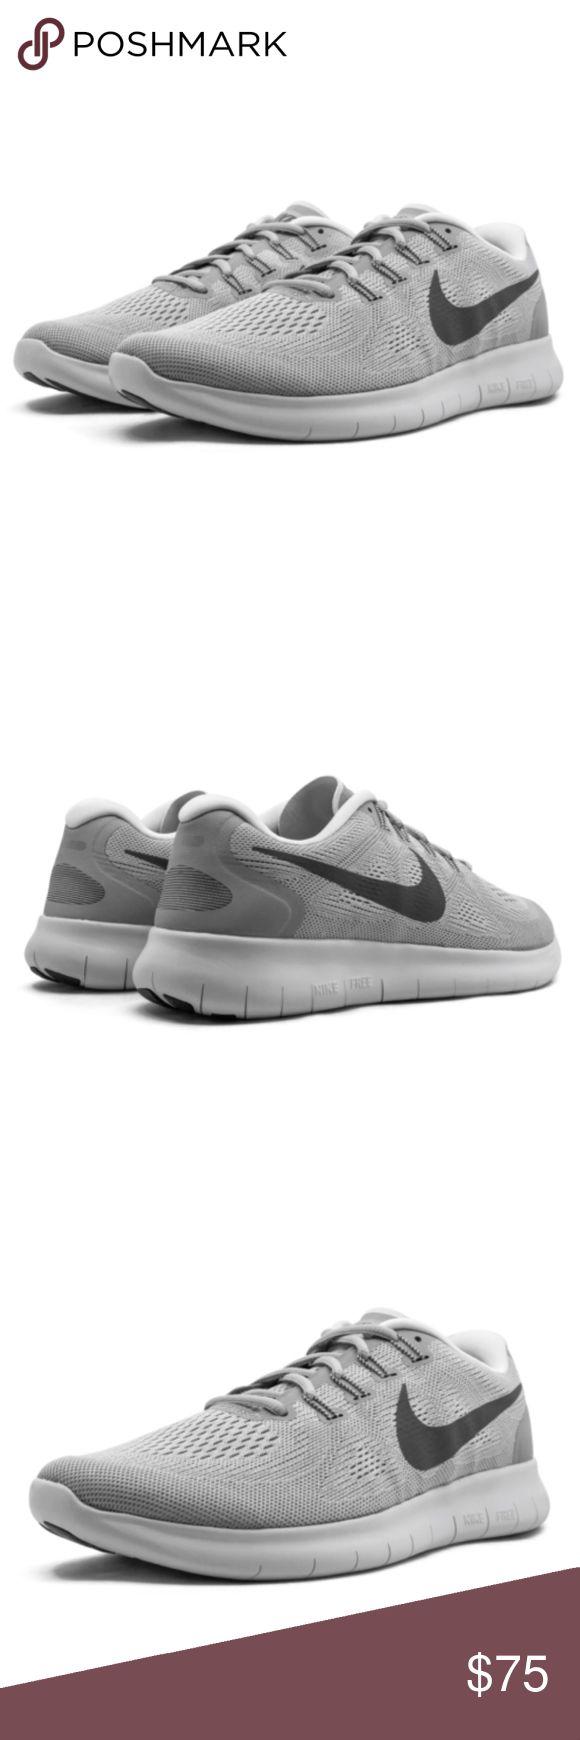 Nike FREE RN 2017 Herren-Laufschuh – Wolf Grey Entwickelt für kurze Laufstrecken, …